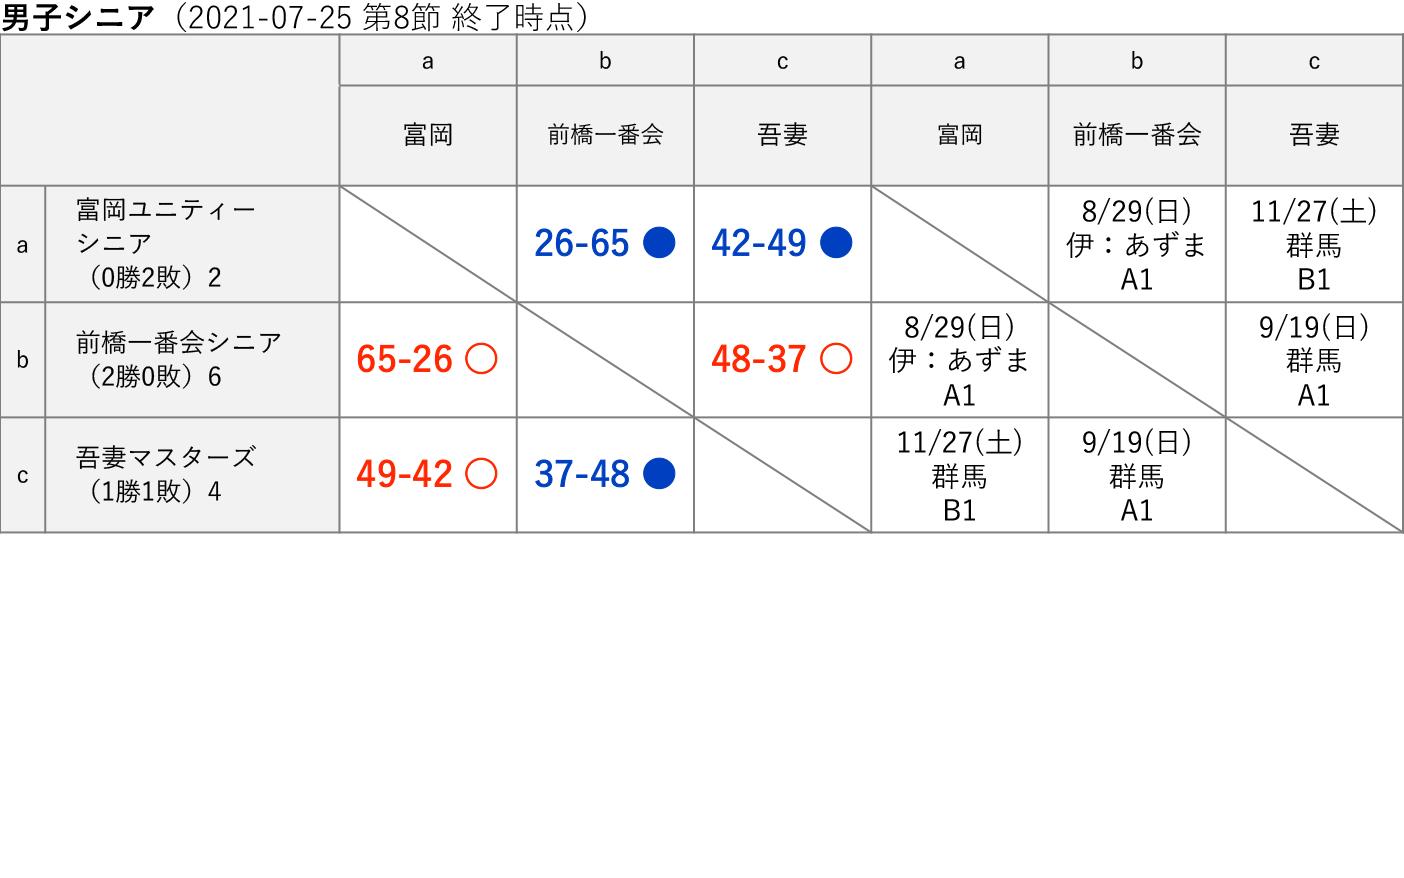 2021社会人リーグ 男子シニア 星取り表(2021-07-25 第8節終了時)